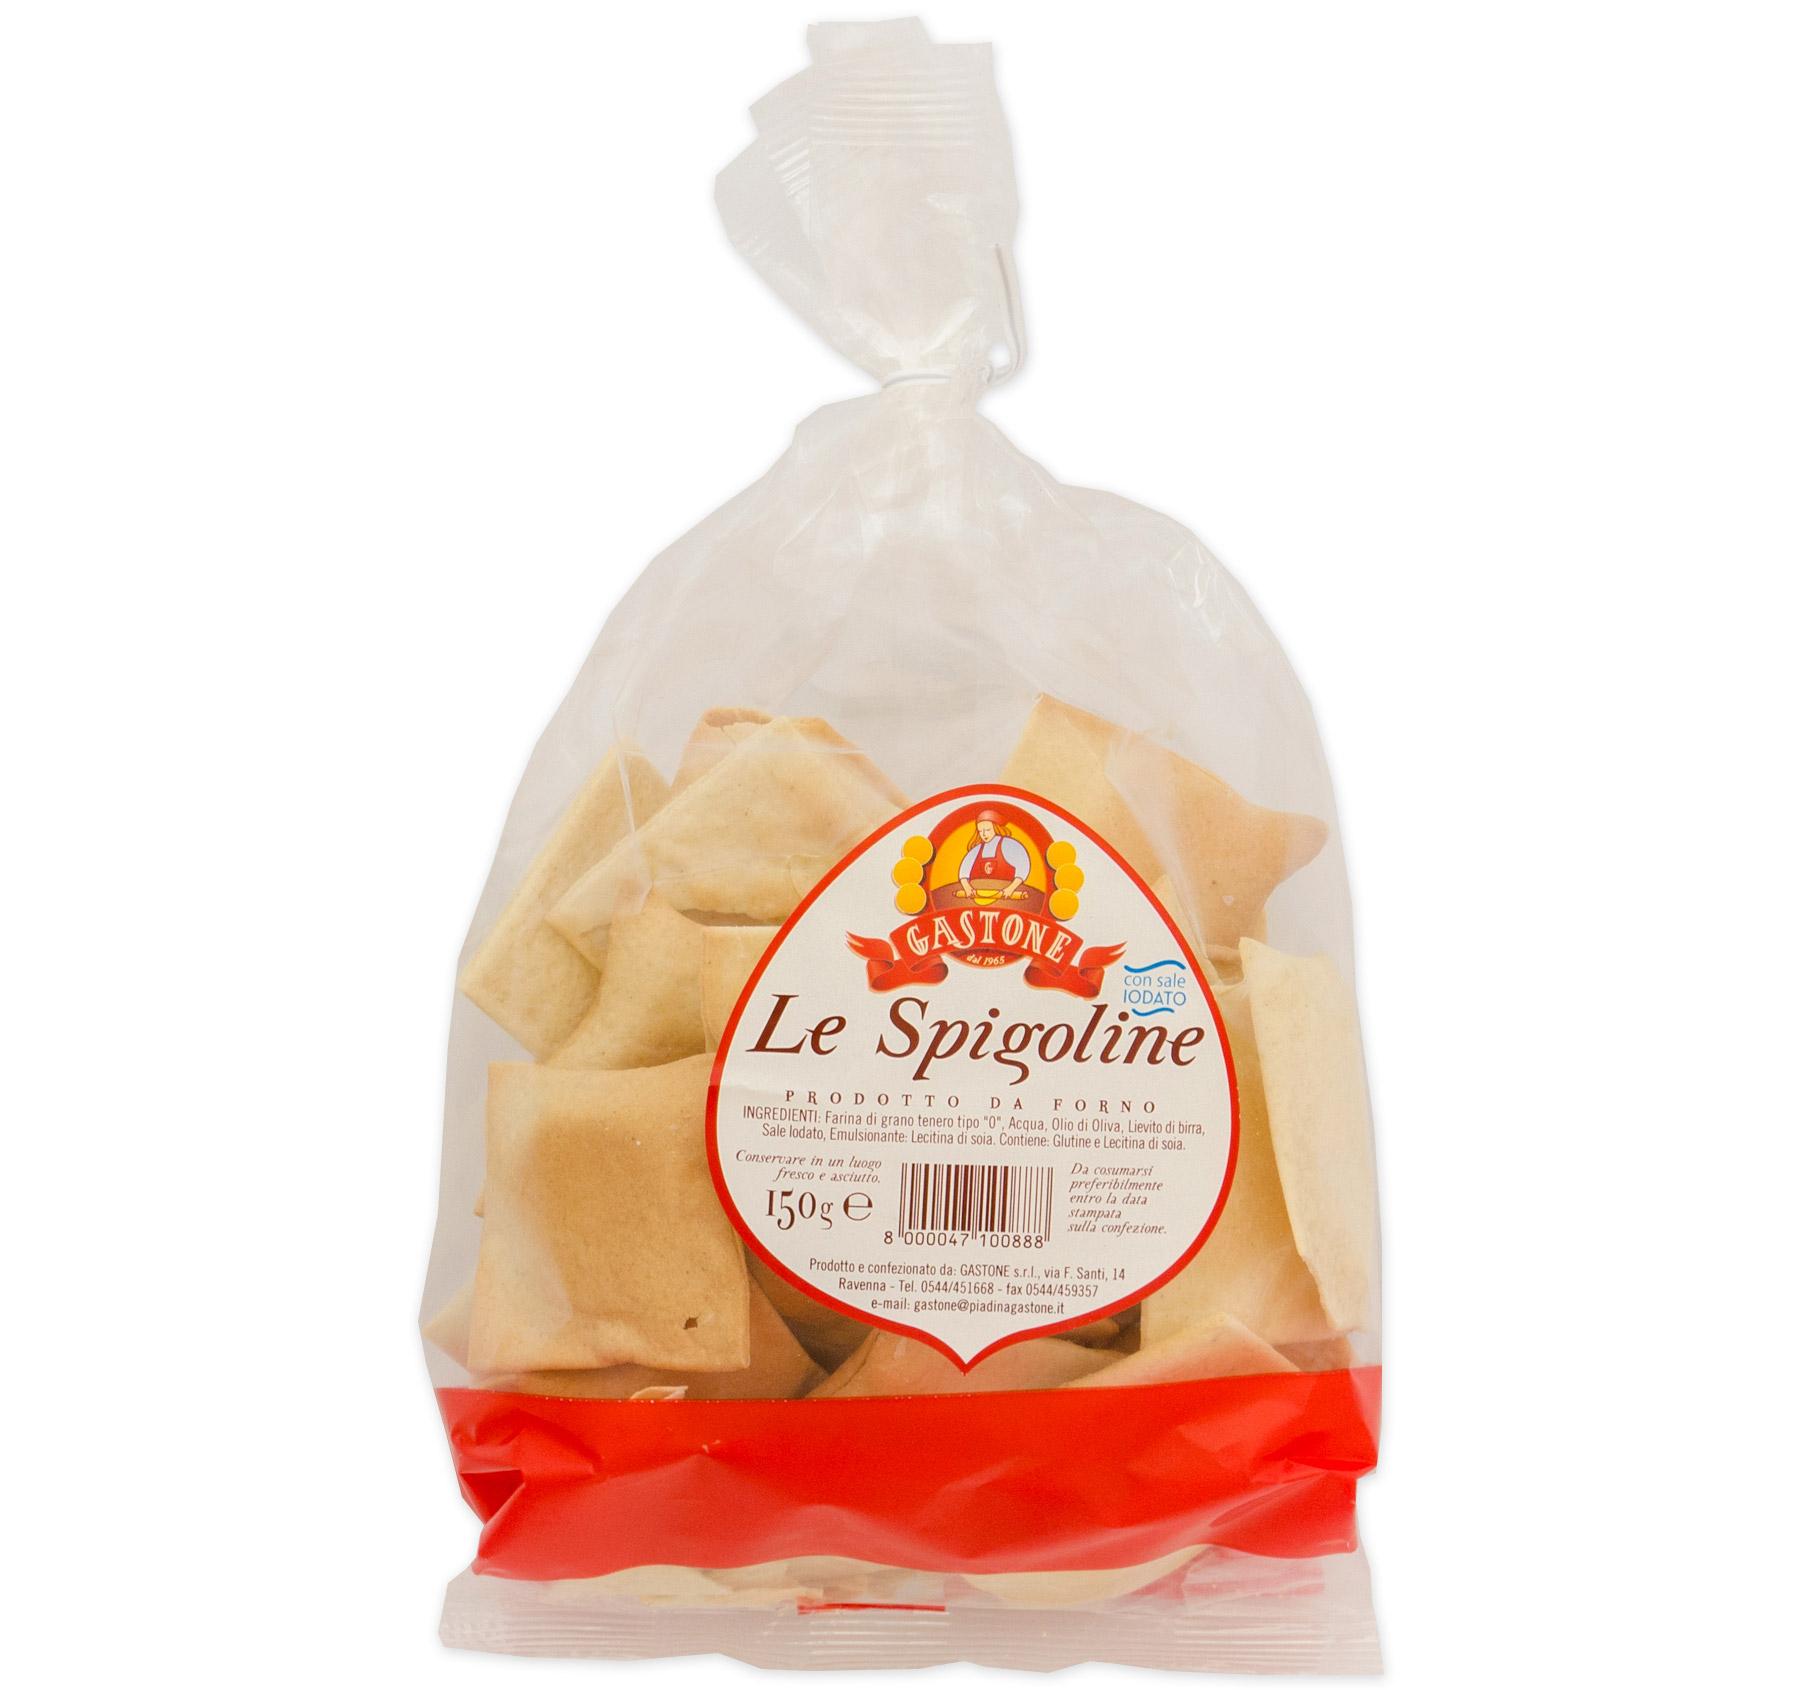 Le Spigoline Gastone